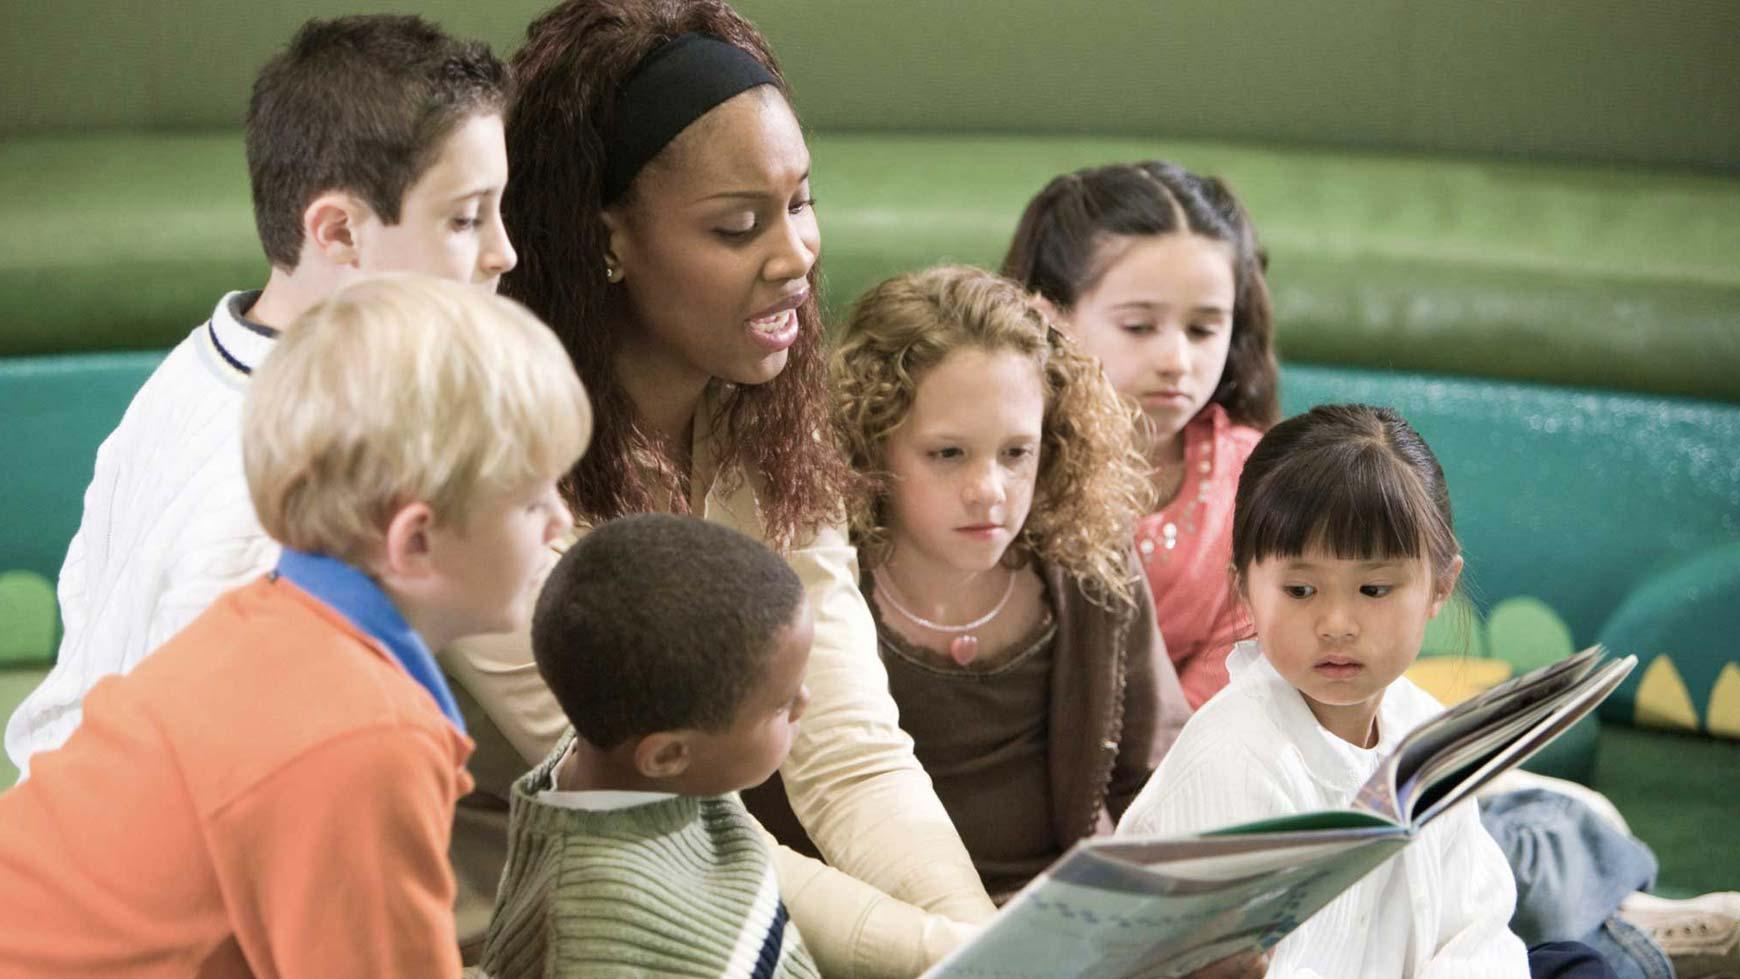 Le 5 più belle filastrocche per bambini - 2021